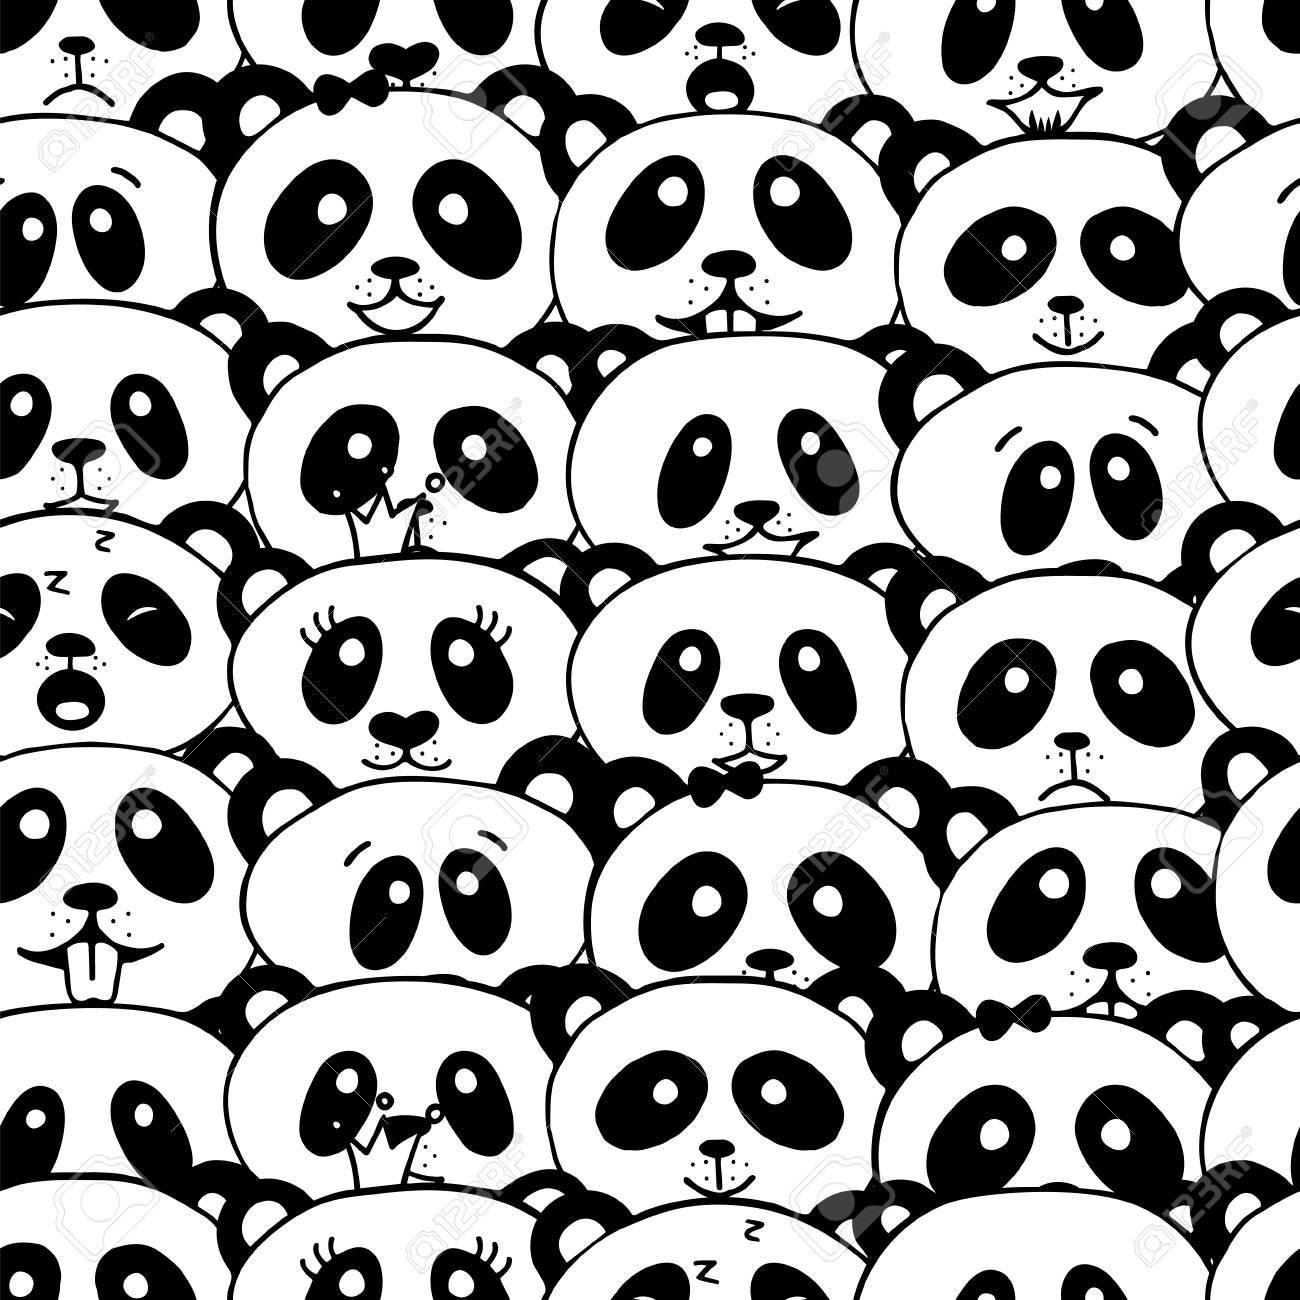 wallpapers de pandas animados adsleaf com